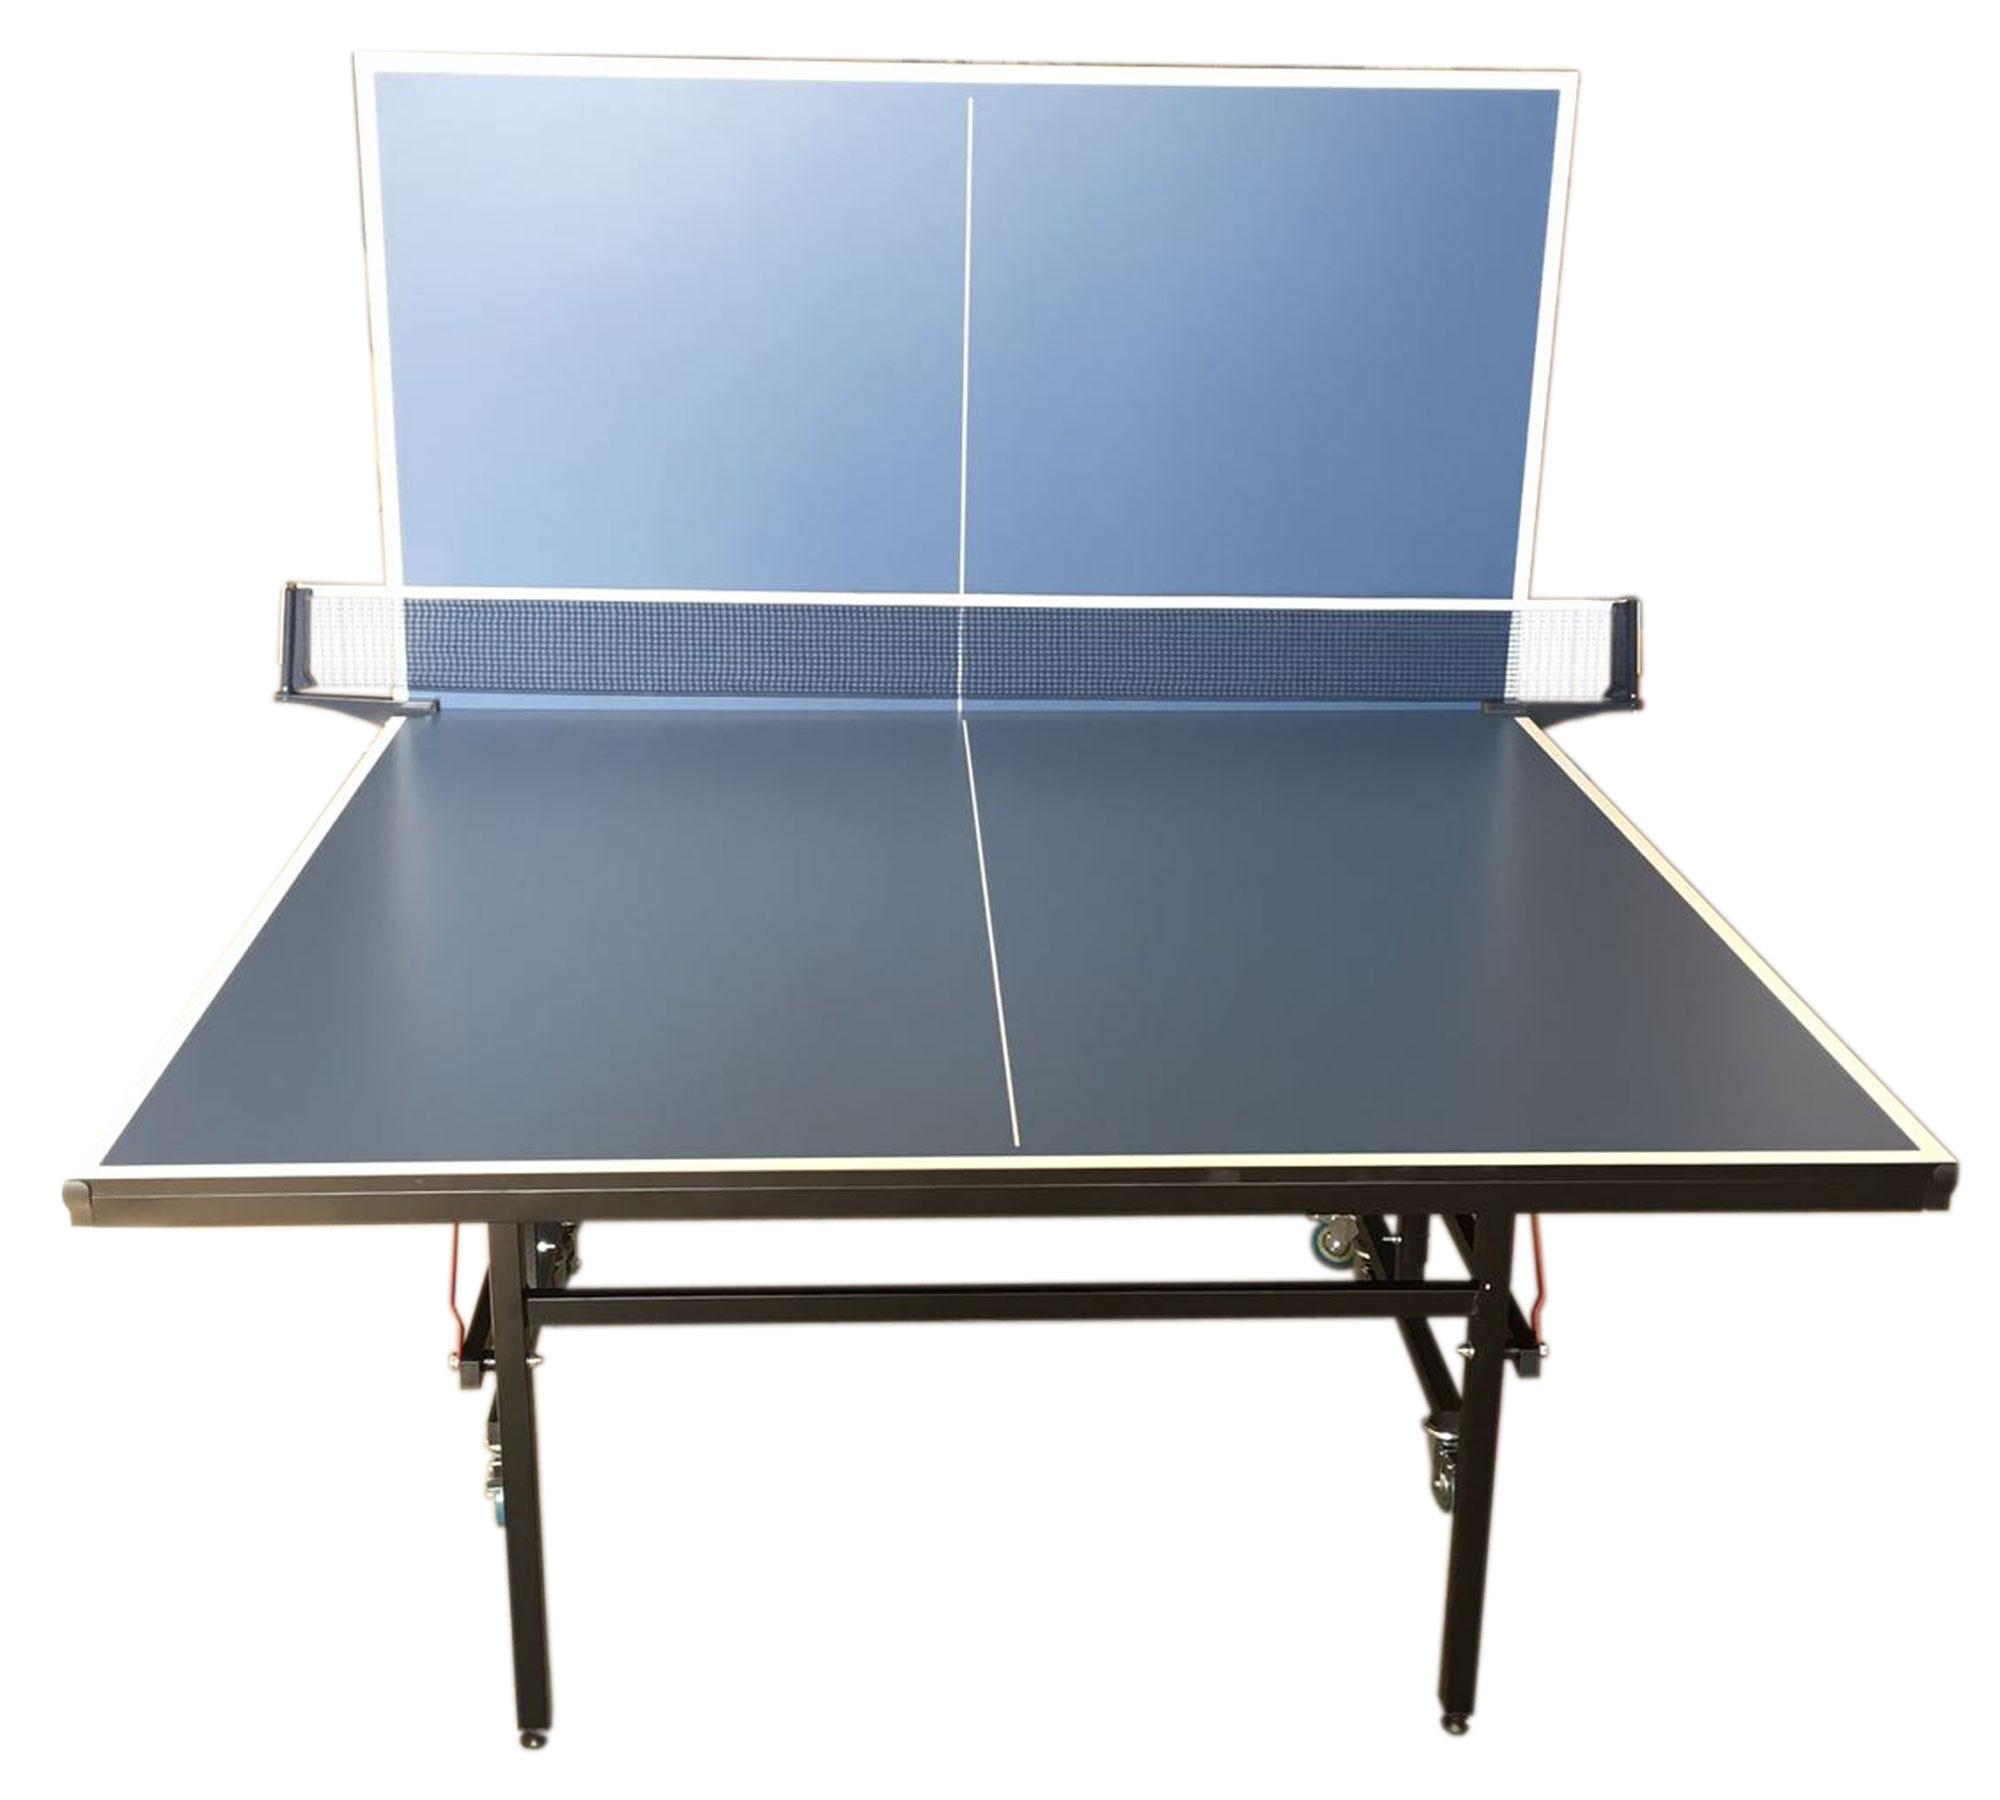 Tennis de table pliant ping pong neuf professionnelle dimensions reglementaires ebay - Dimension d une table de ping pong ...